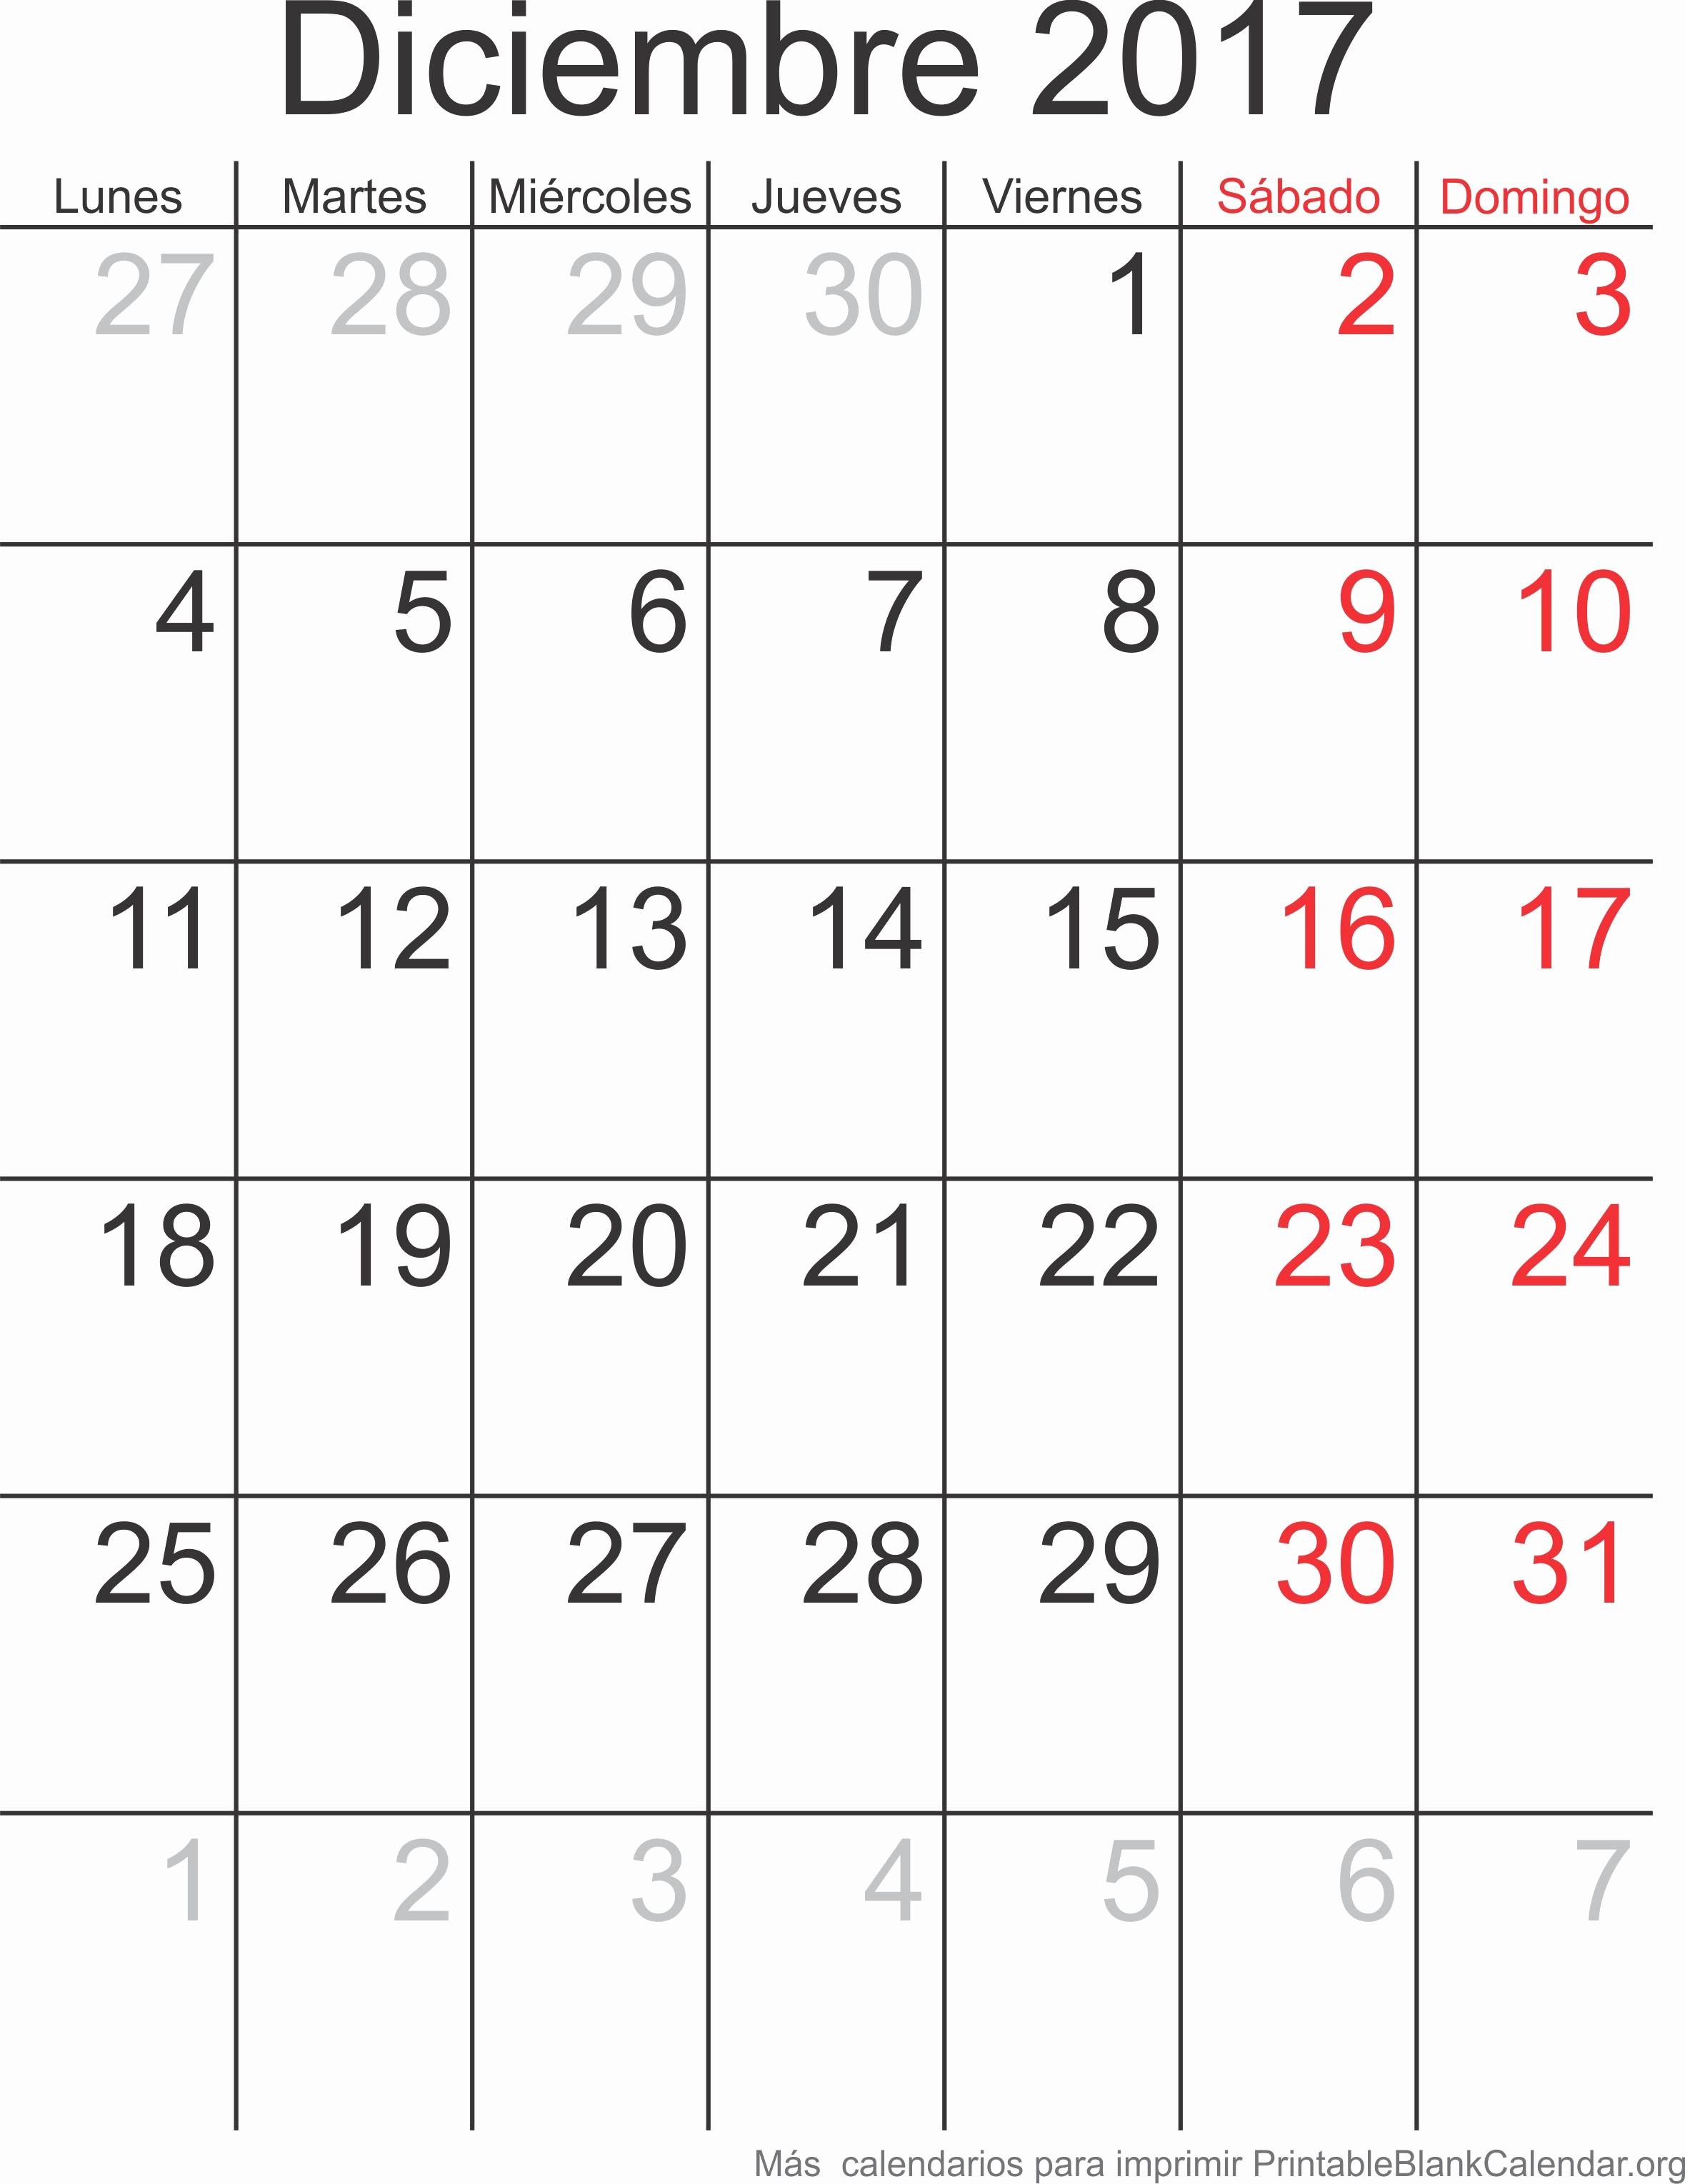 Calendario Diciembre 2017 Para Imprimir Fresh Diciembre Calendario 2017 Related Keywords Diciembre